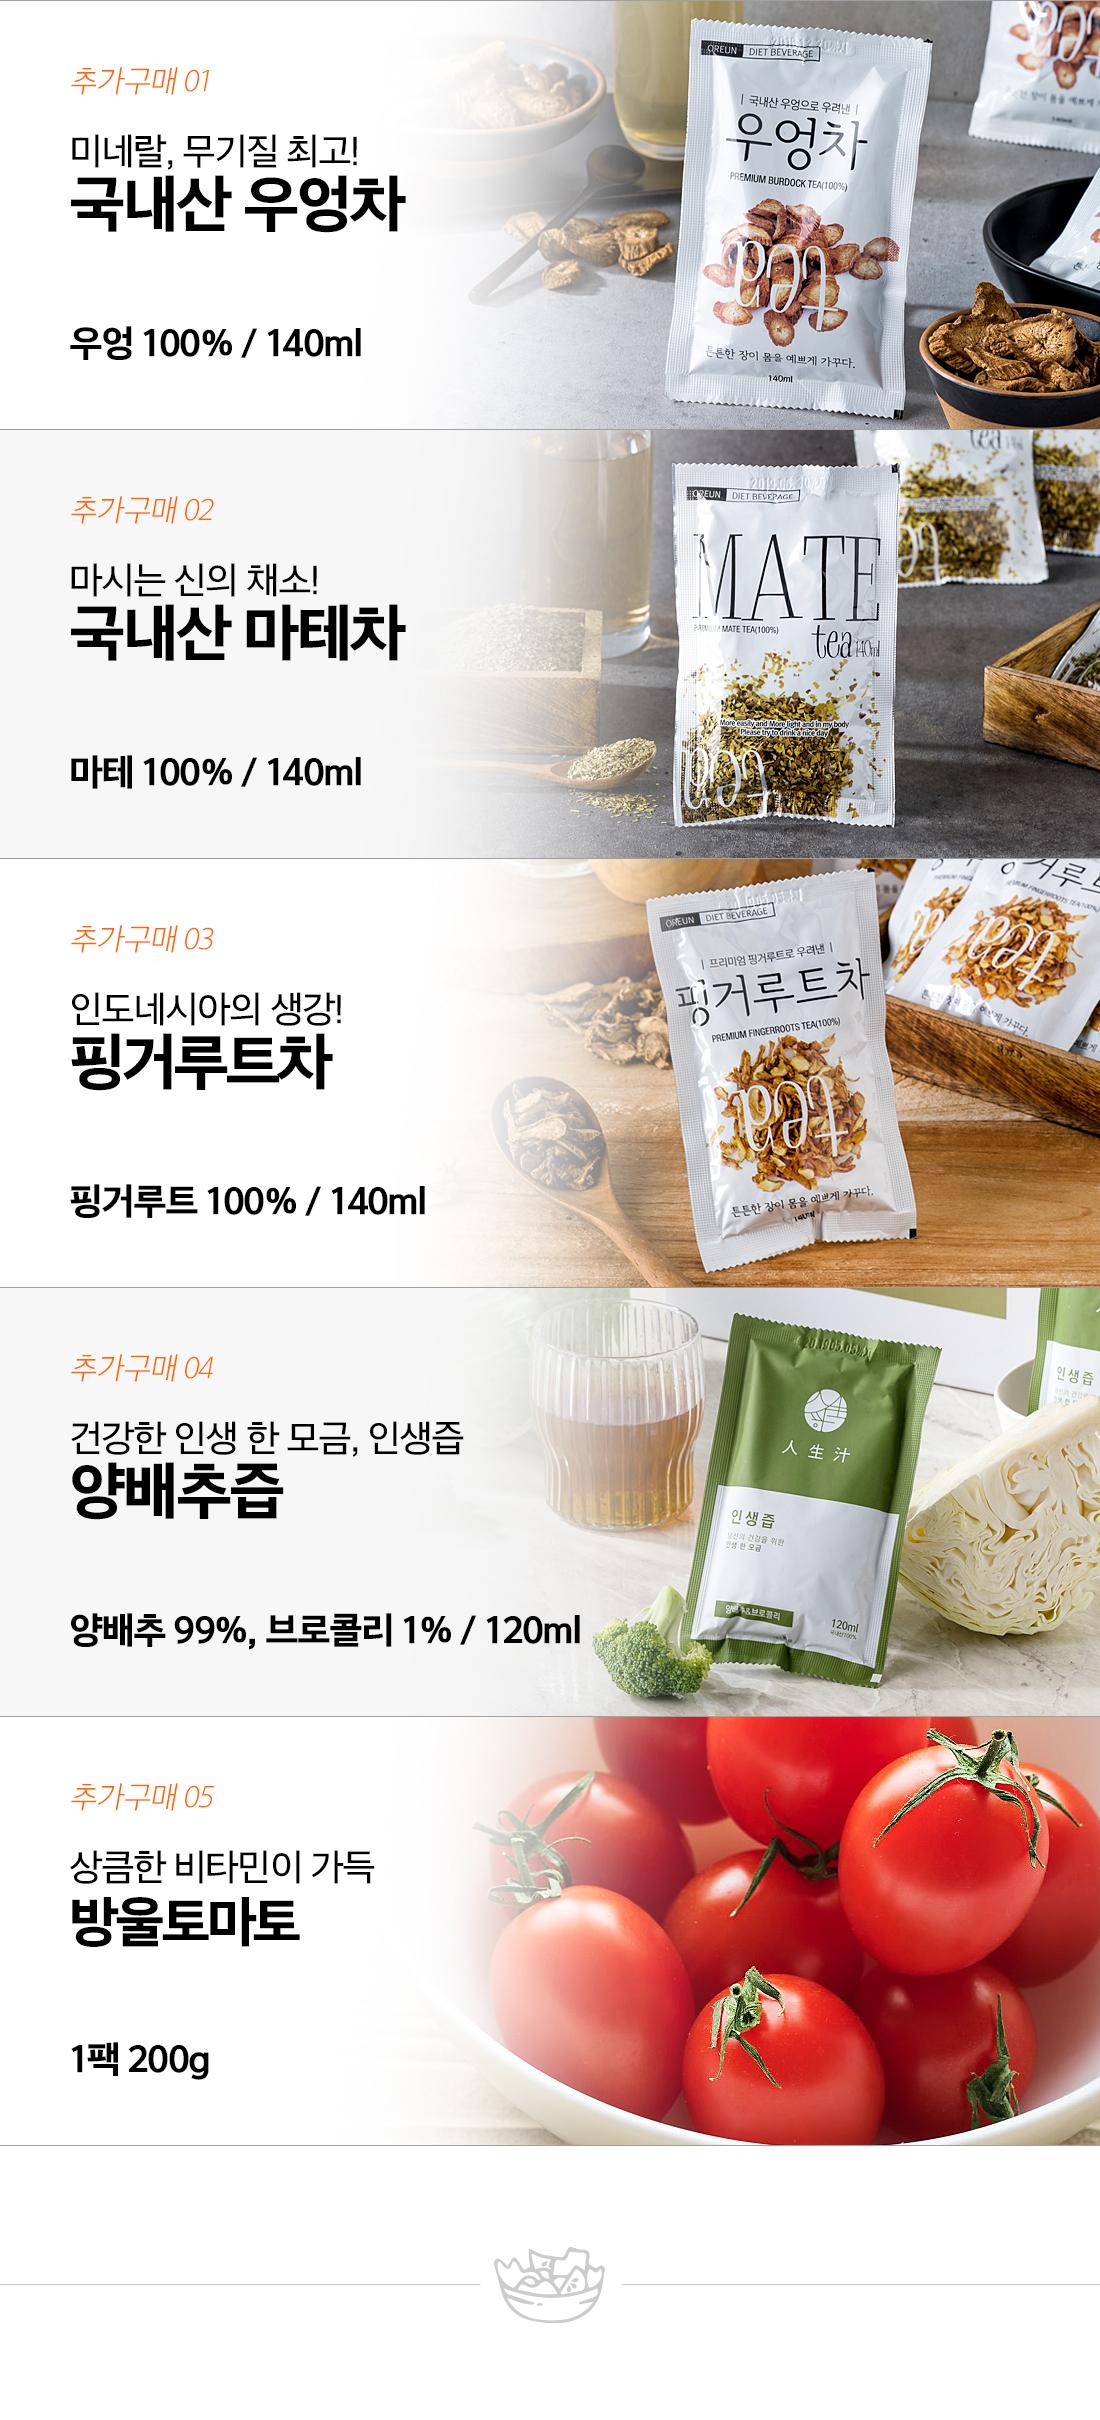 슬림쿡 샐러드 정기배송 음료 추가구매